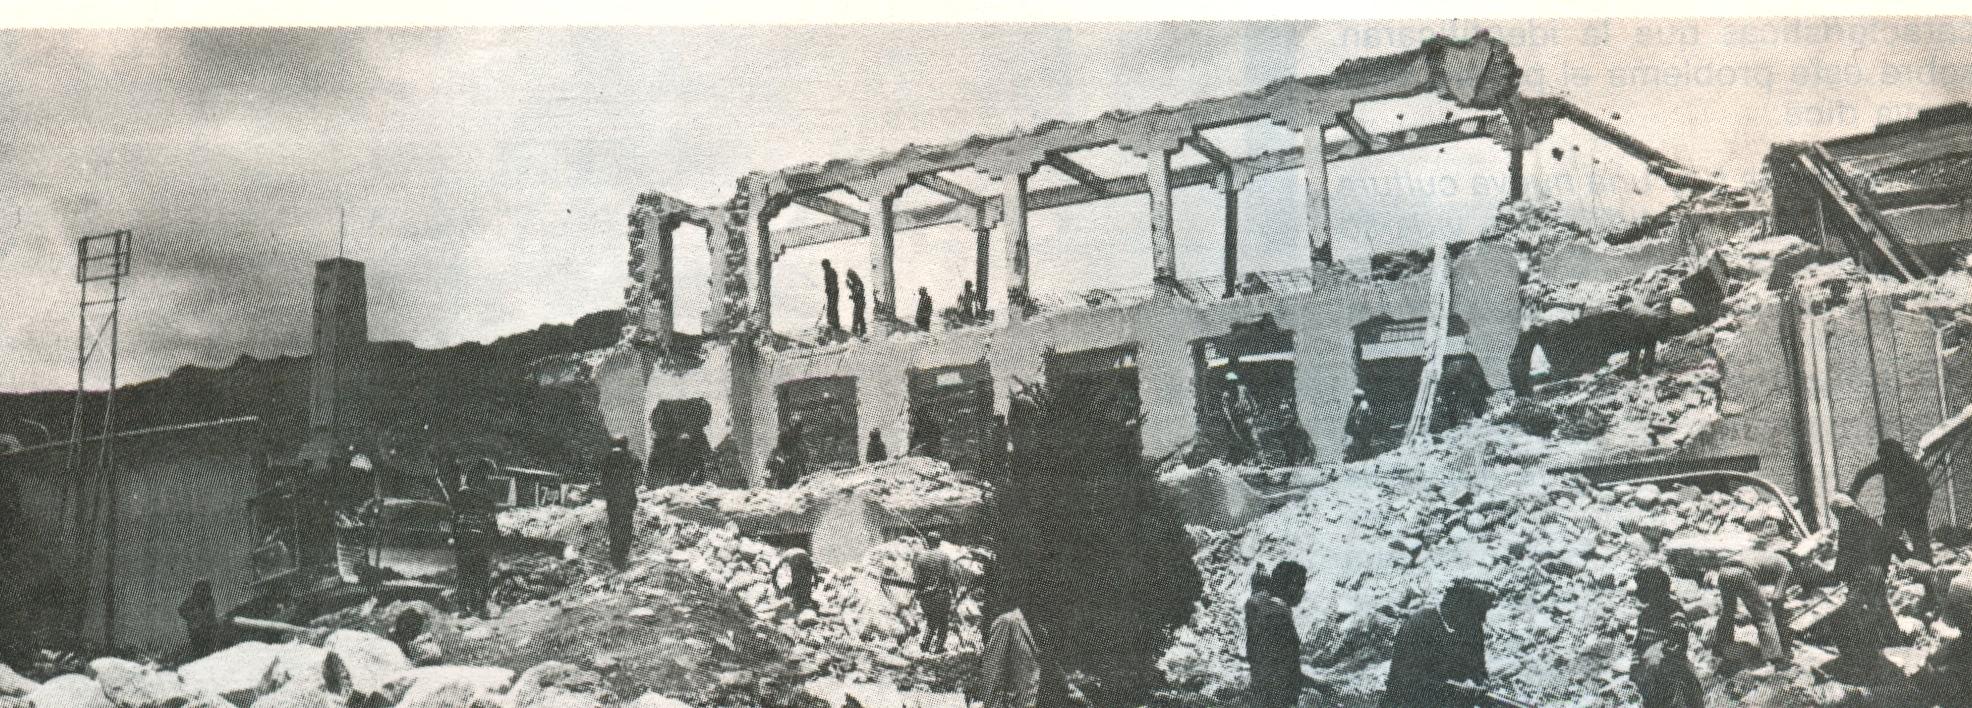 Imagen de la demolición del viejo estadio (1975)